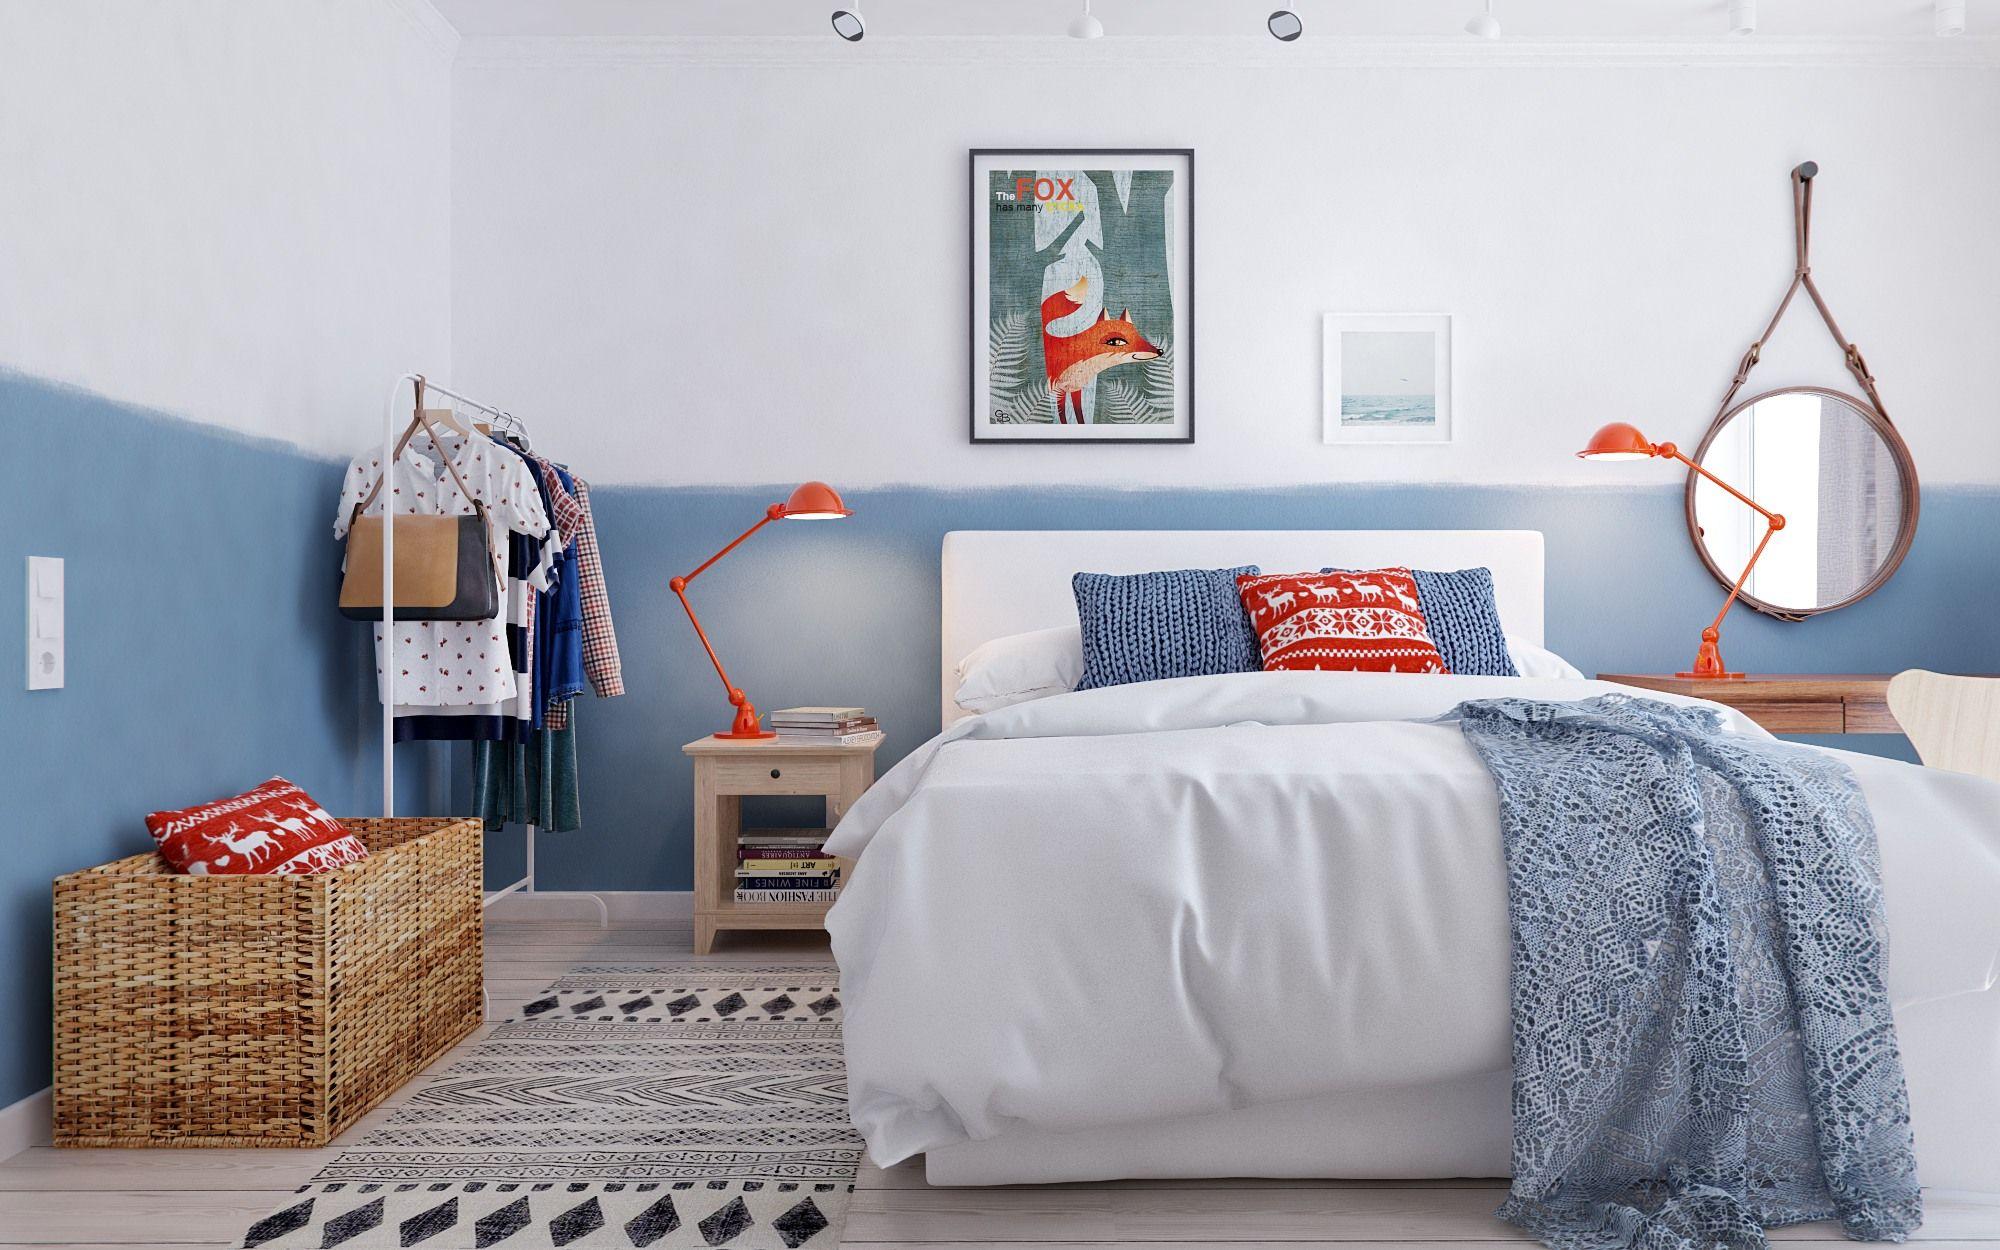 卧室一般选择什么类型的灯比较好?